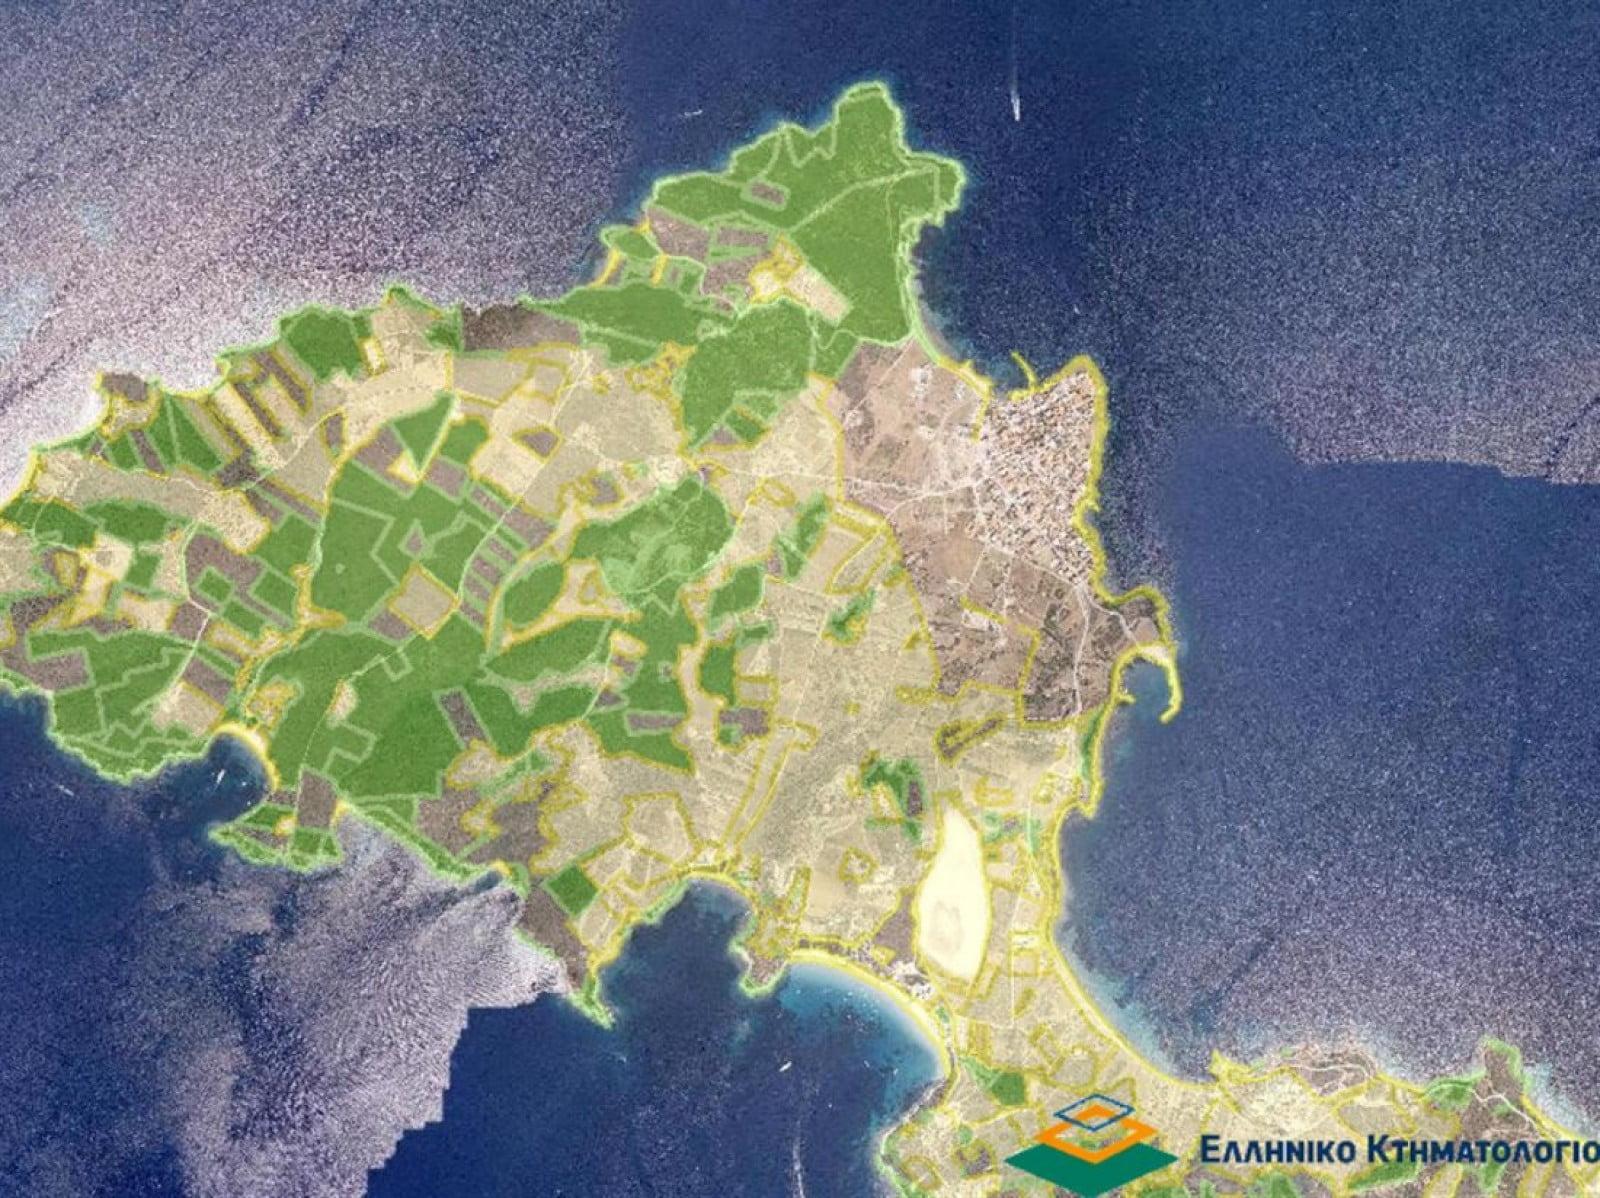 τεράστιας σημασίας έργο της ανάρτησης των δασικών χαρτών Πηγή: https://www.voria.gr/article/polla-ta-provlimata-ke-i-ekkremotites-apo-tous-dasikous-chartes